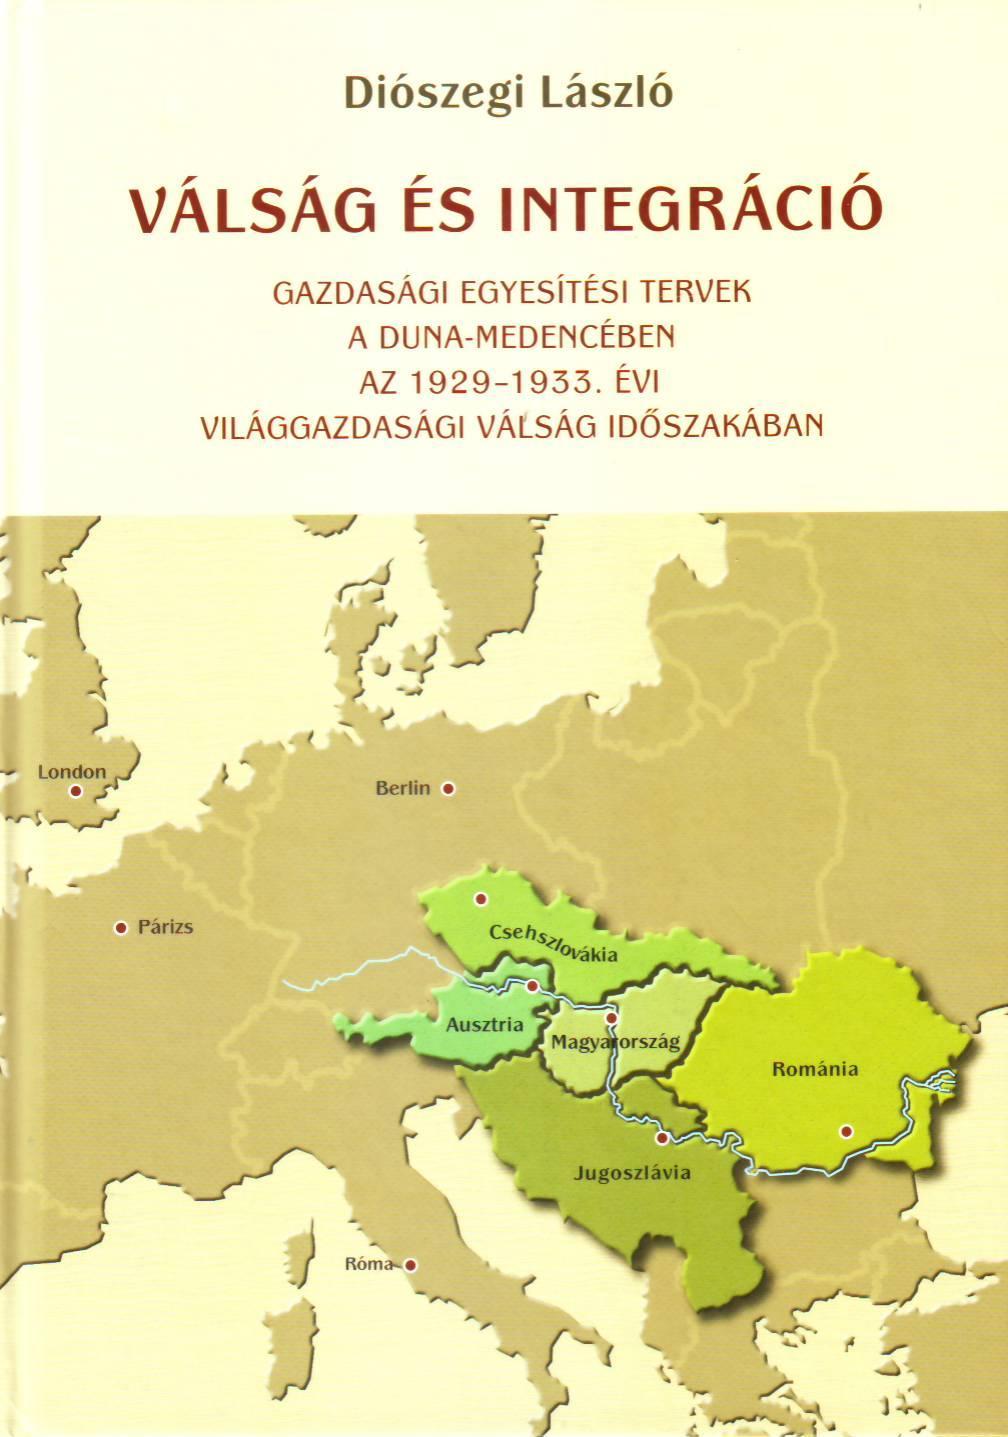 VÁLSÁG ÉS INTEGRÁCIÓ - GAZDASÁGI EGYESÍTÉSI TERVEK A DUNA-MEDENCÉBEN AZ 1929-193